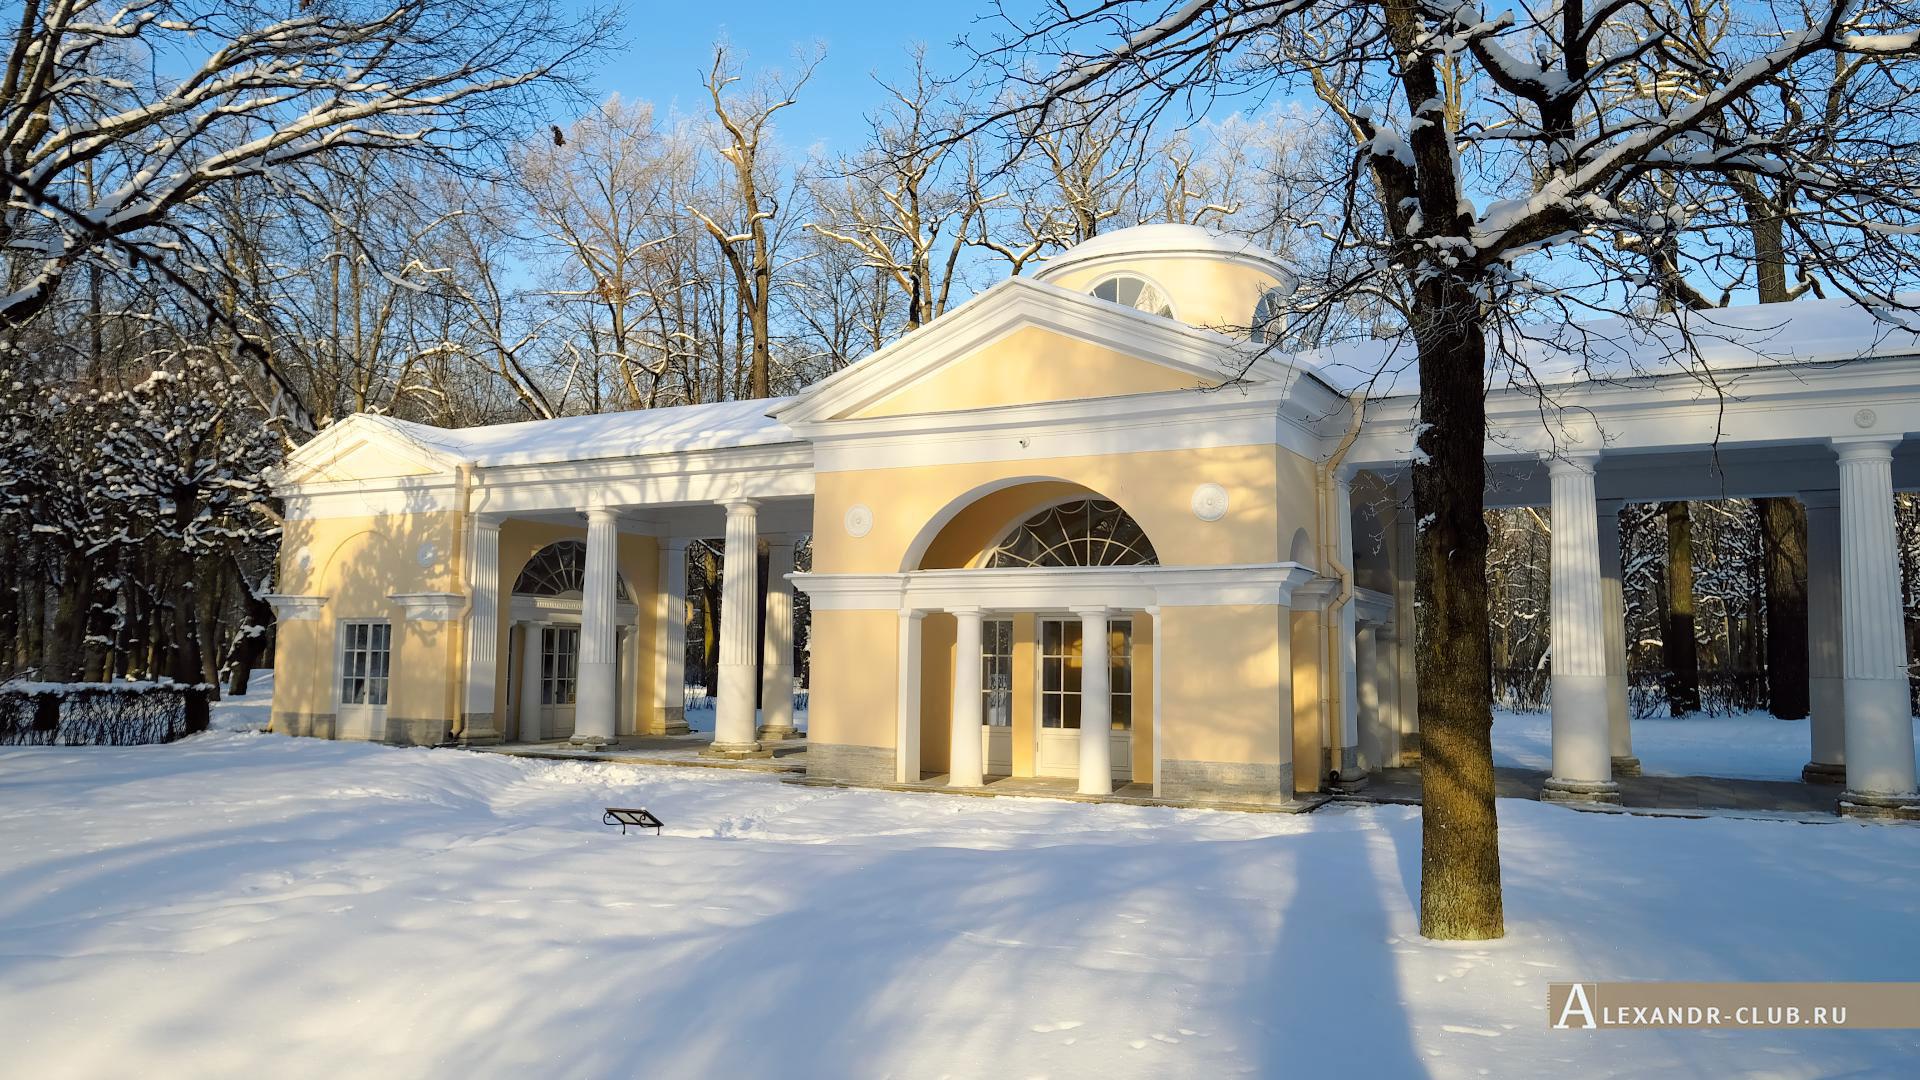 Павловск, зима, Павловский парк, павильон Вольер